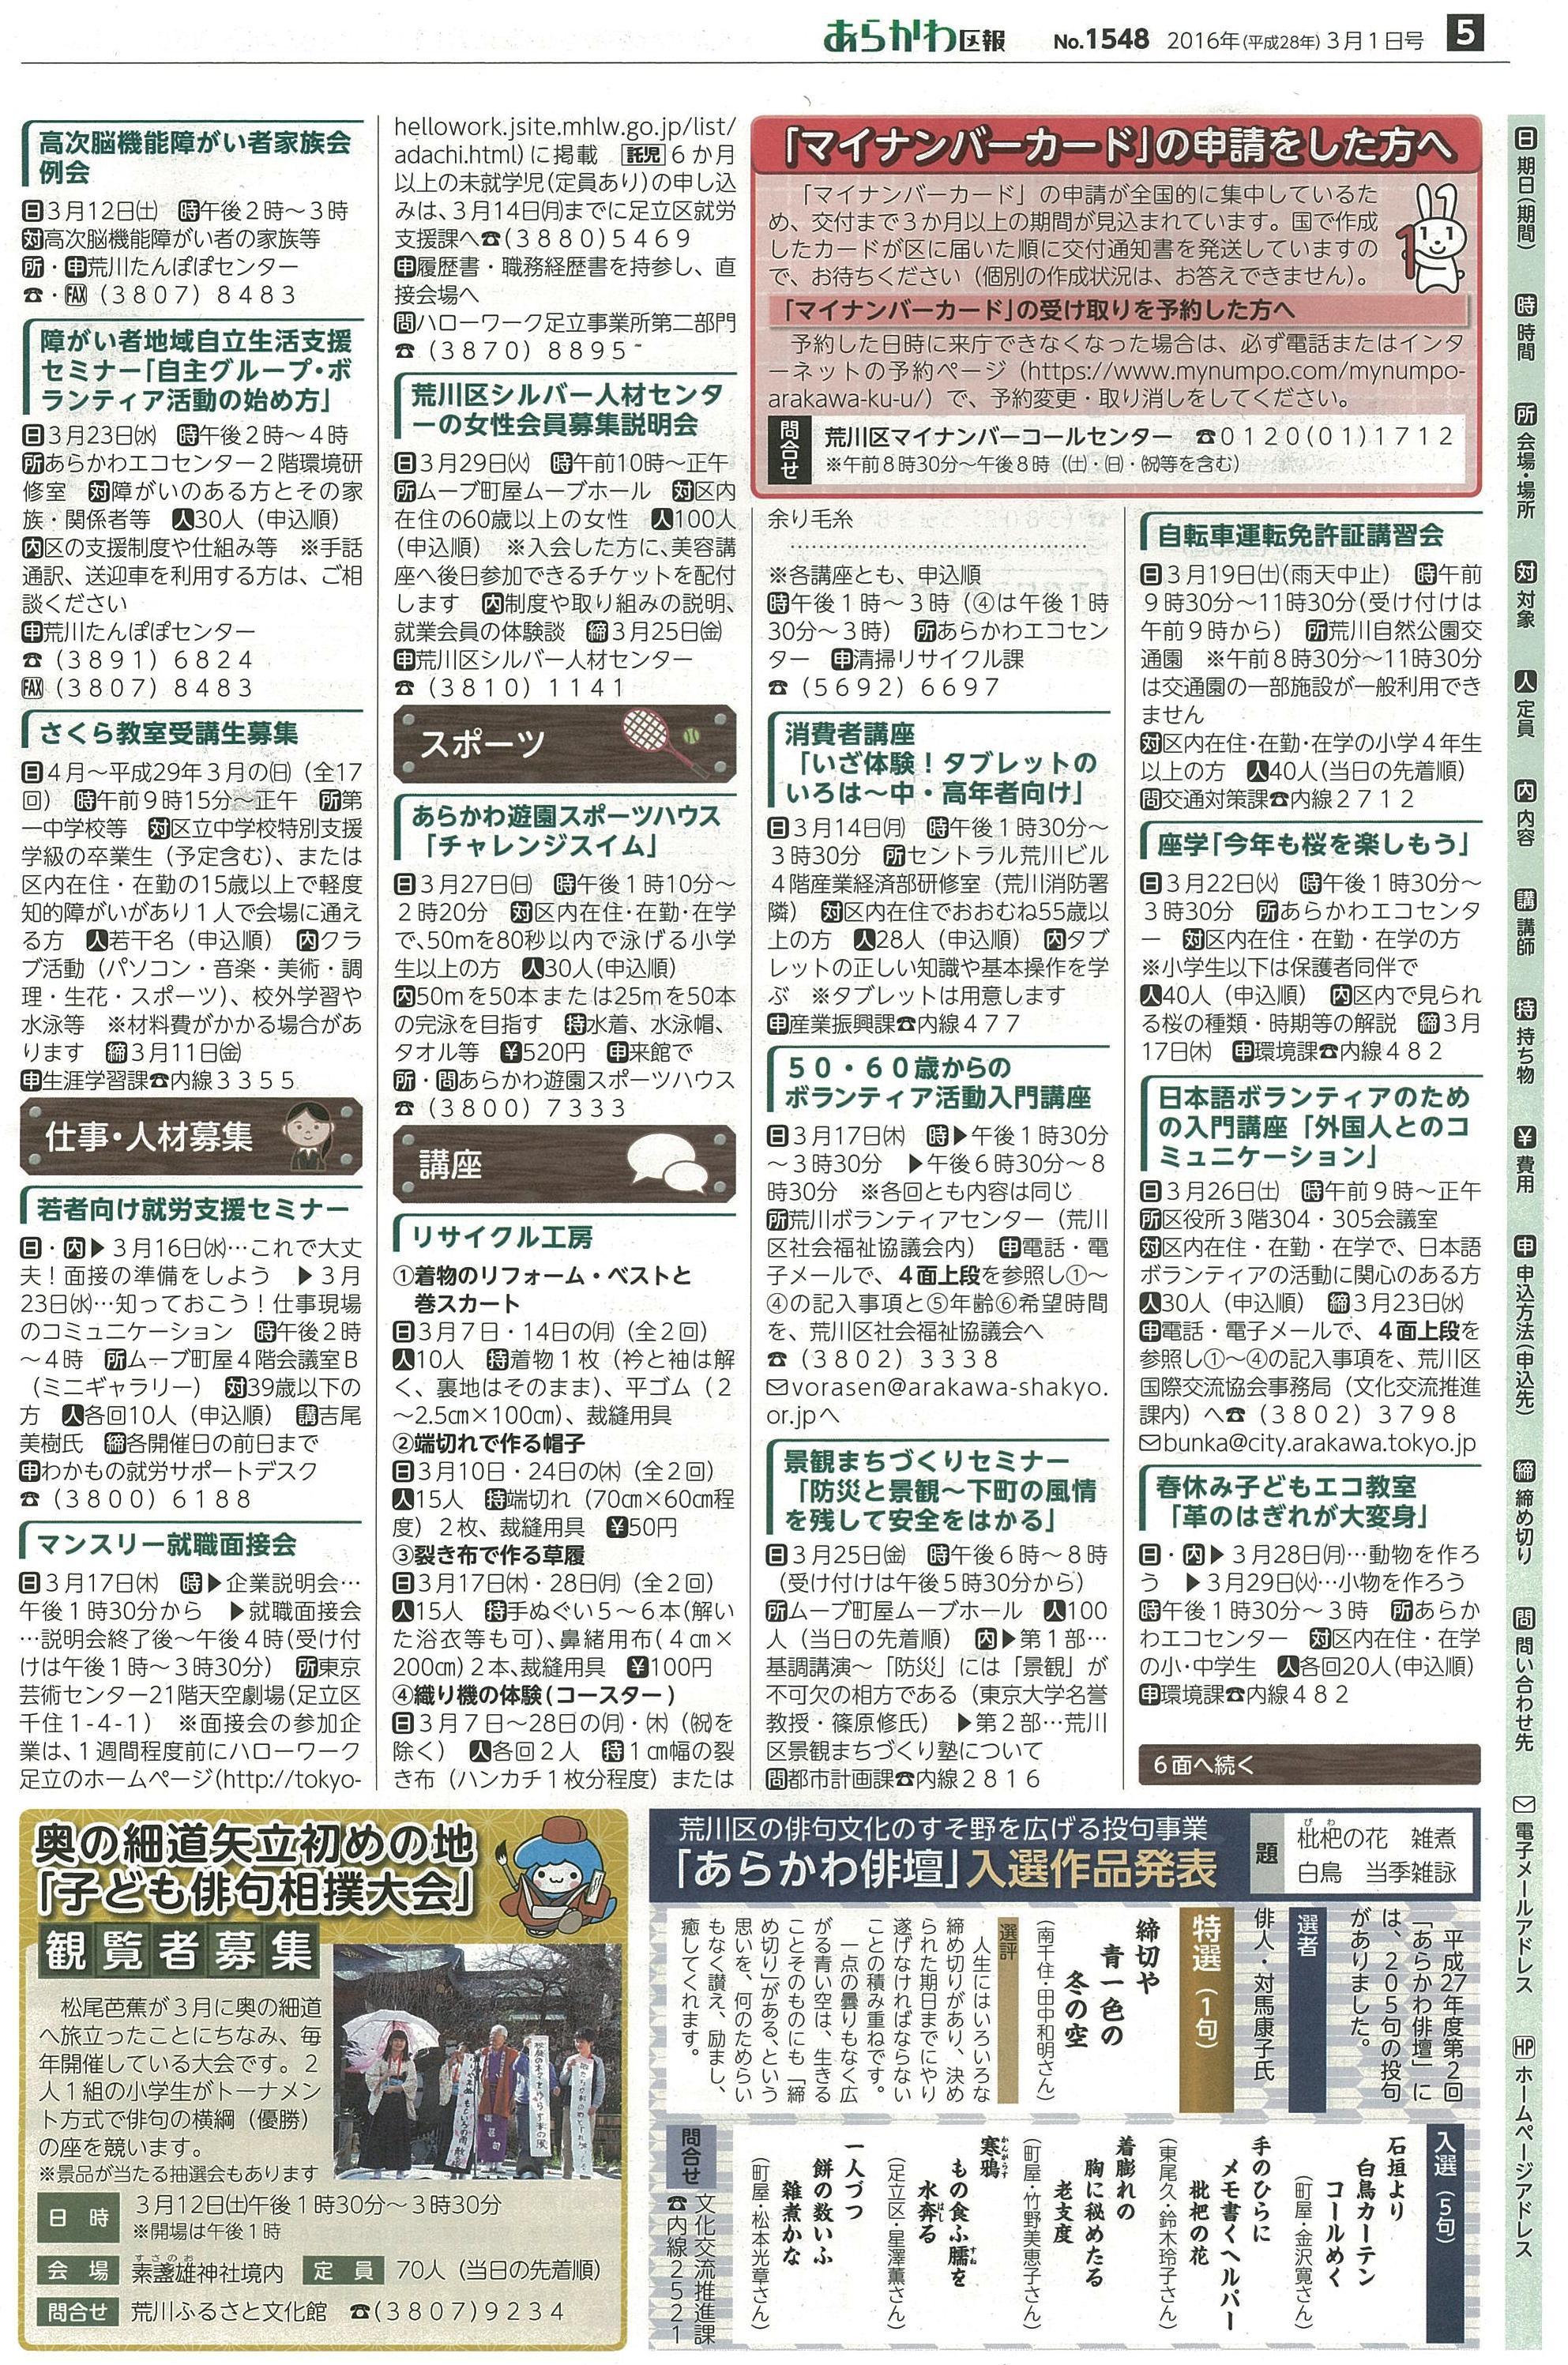 160301あらかわ区報 (2)